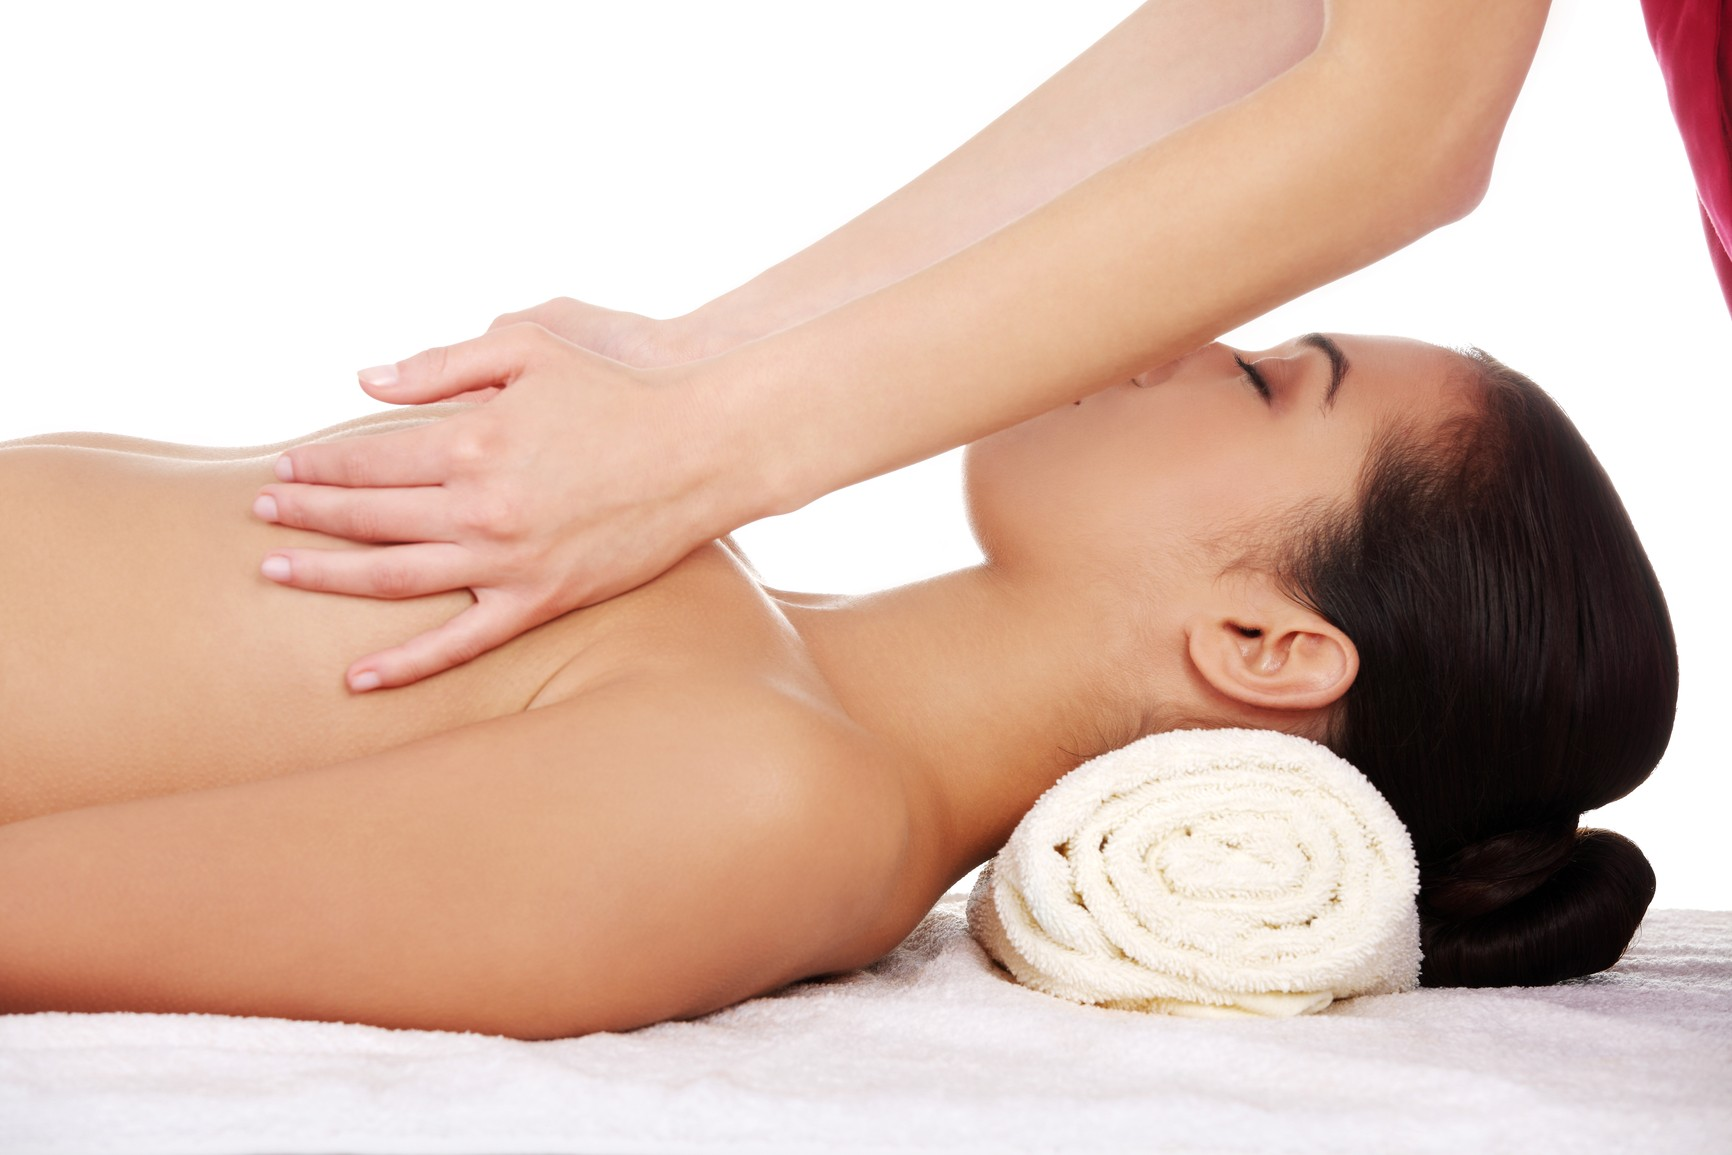 Эротический массаж молочной железы 8 фотография